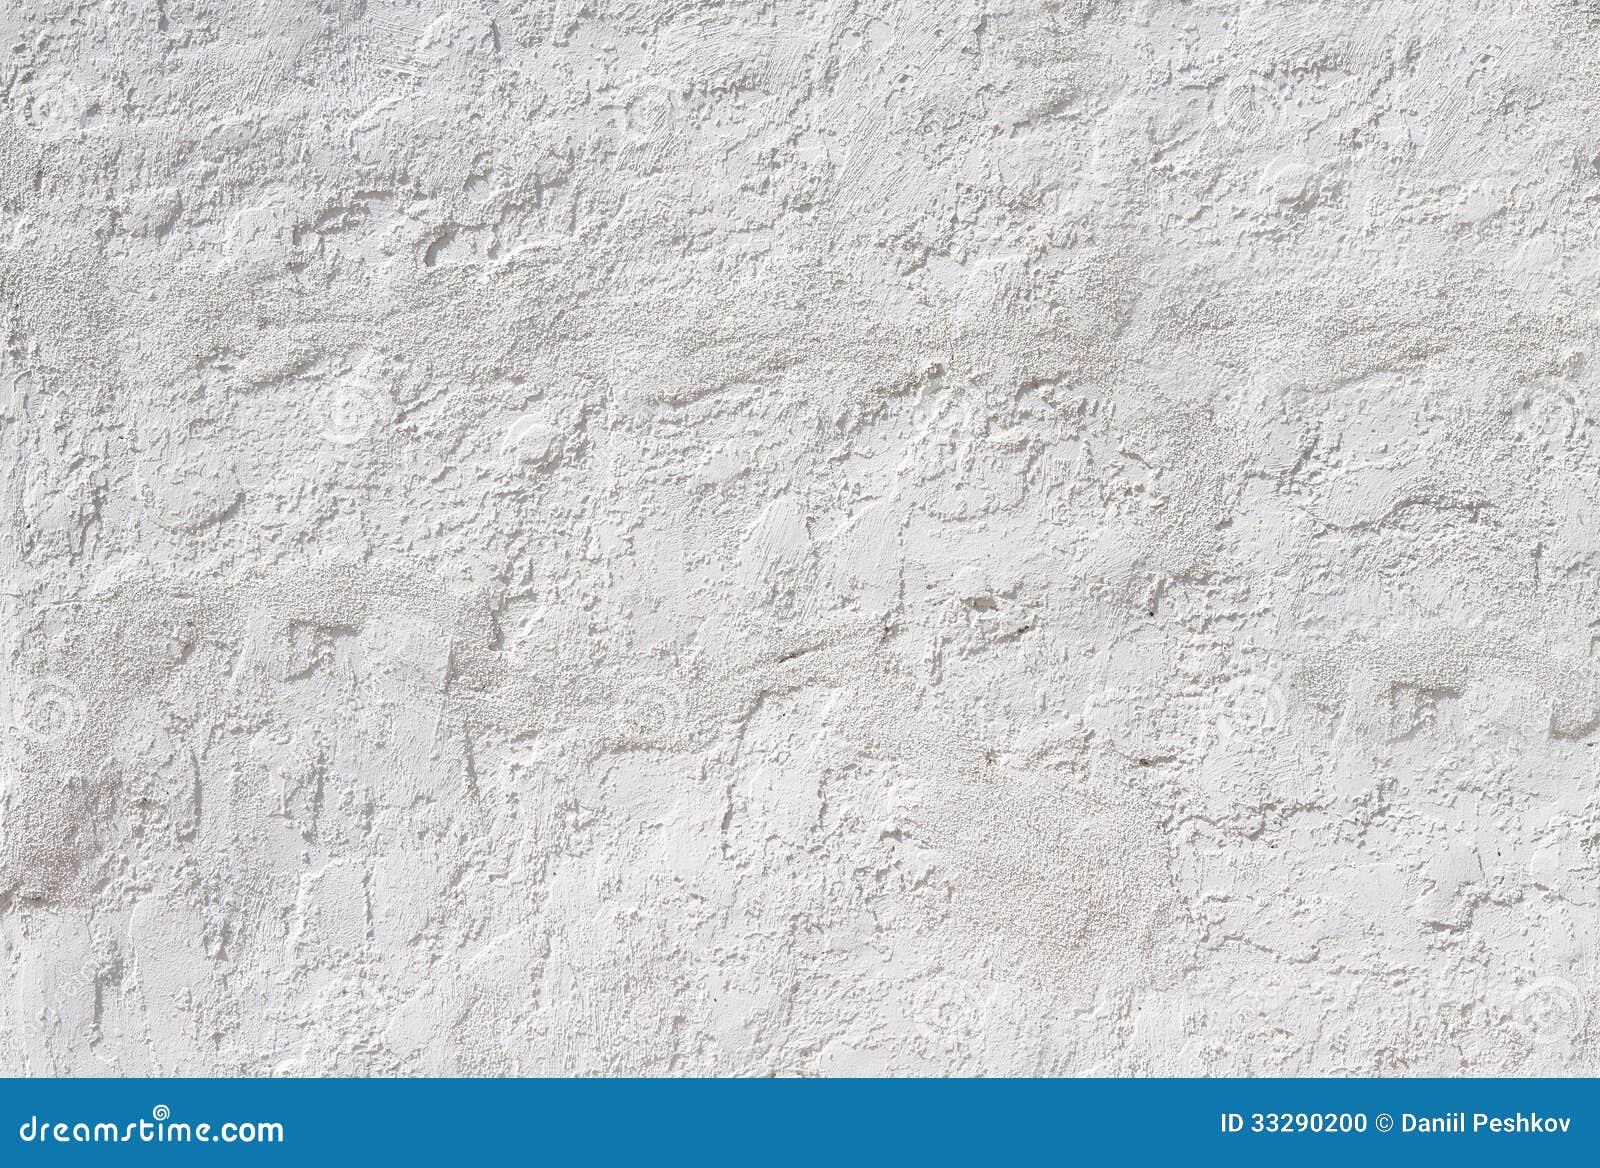 Muro de cemento blanco foto de archivo imagen 33290200 - Cemento blanco precio ...